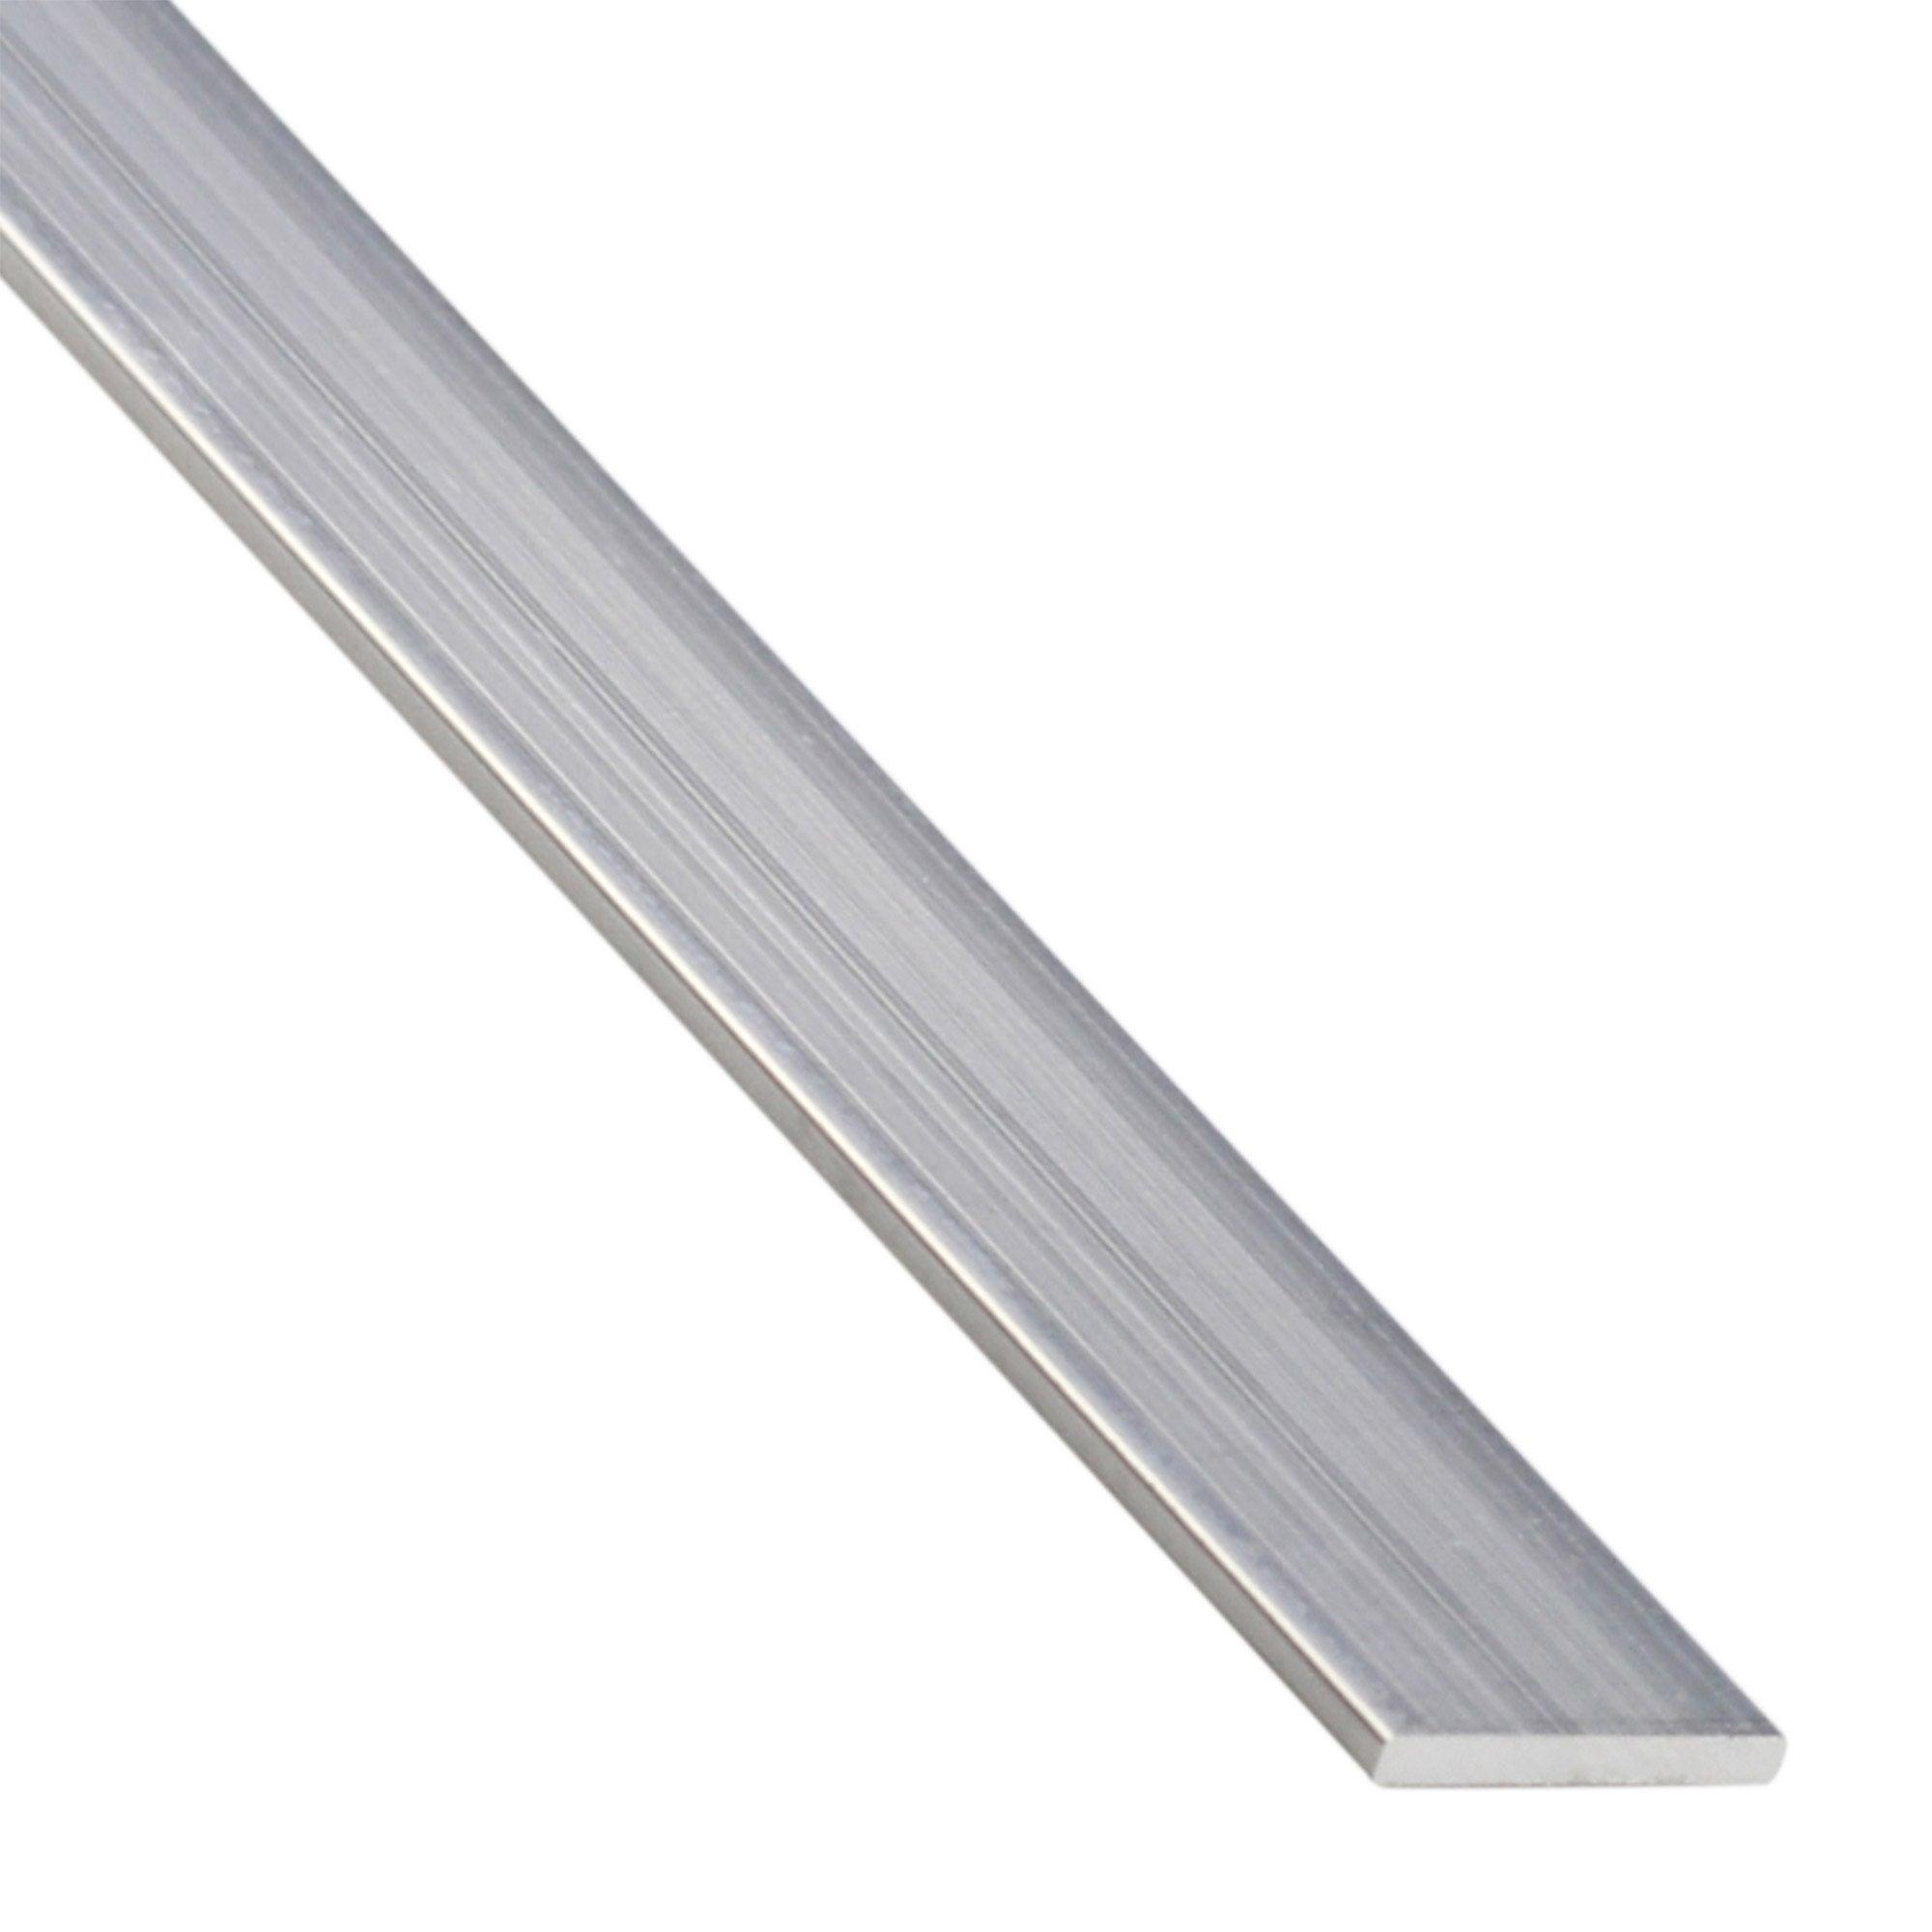 Plat Aluminium Brut Argent L 2 6 M X L 2 2 Cm X H 0 2 Cm Standers Brut Argent Et Plat